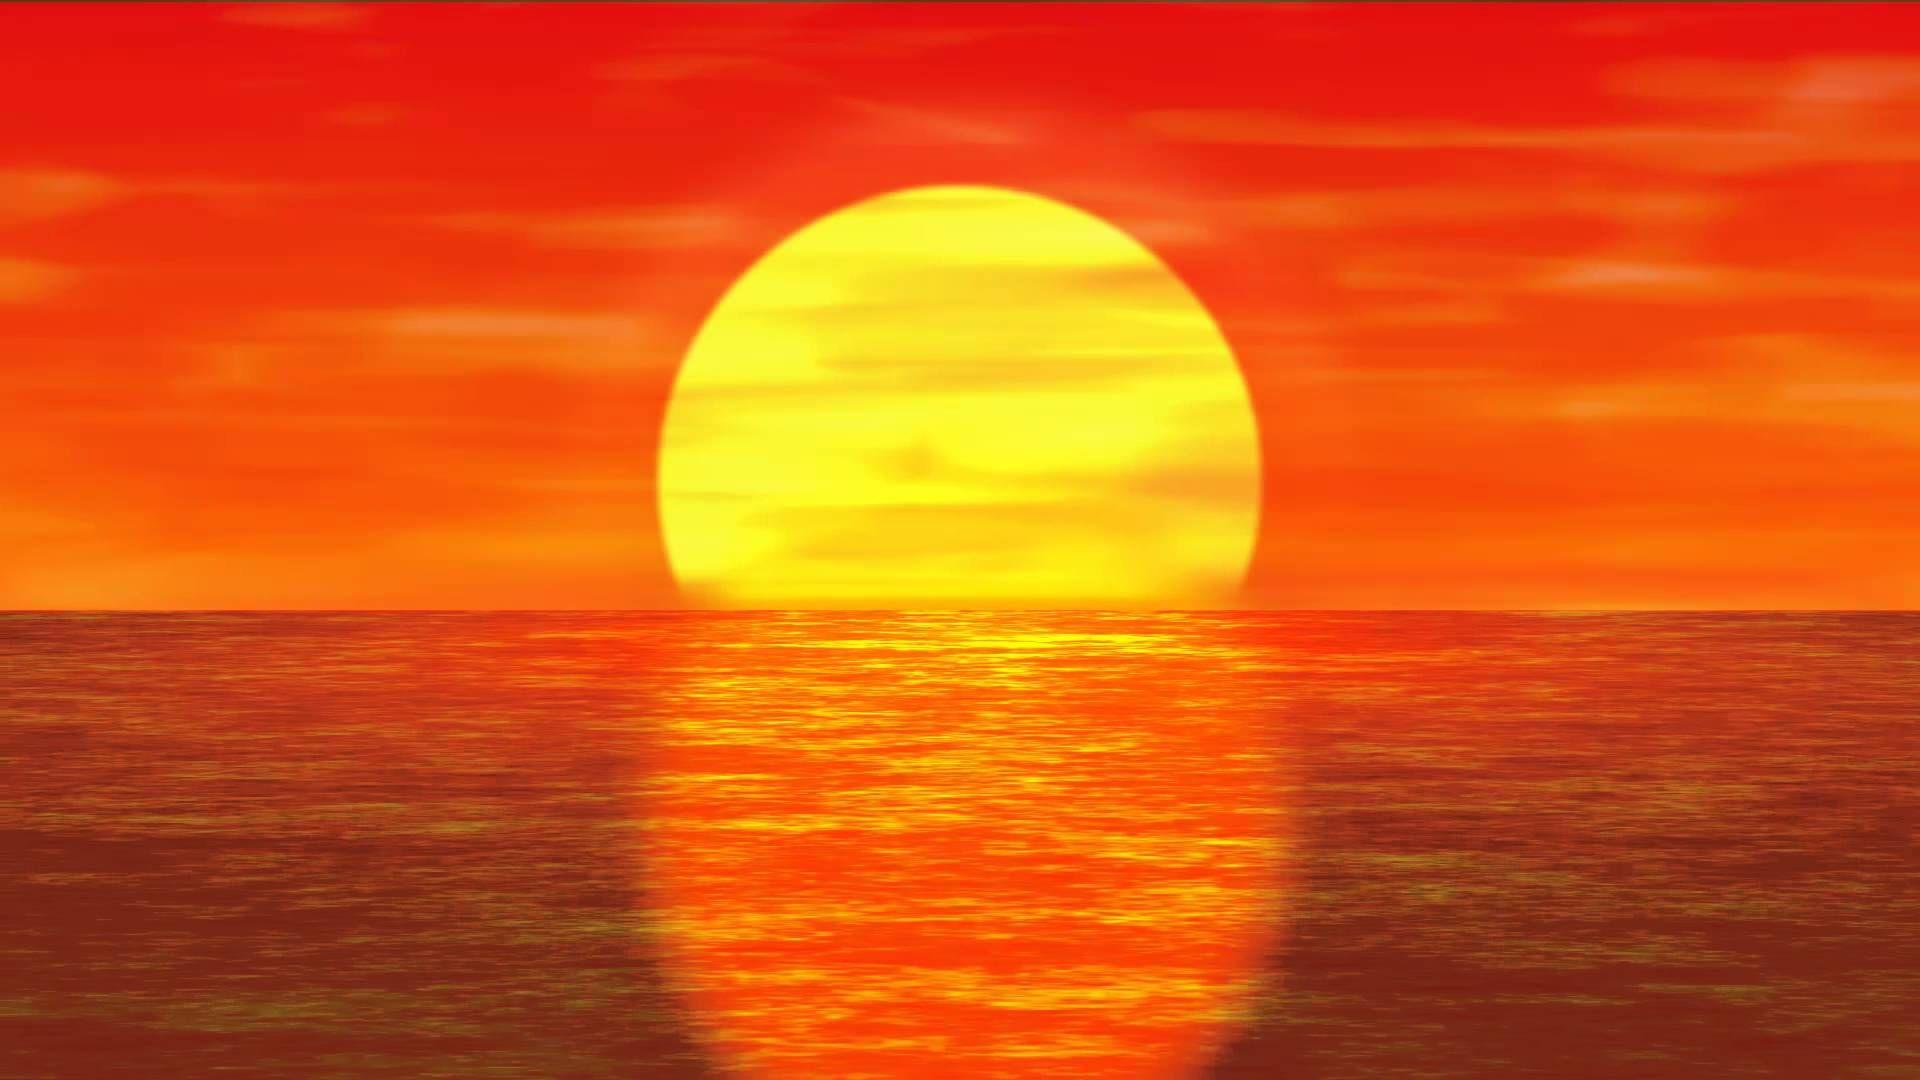 Фото анимашки на мобилку закат солнца